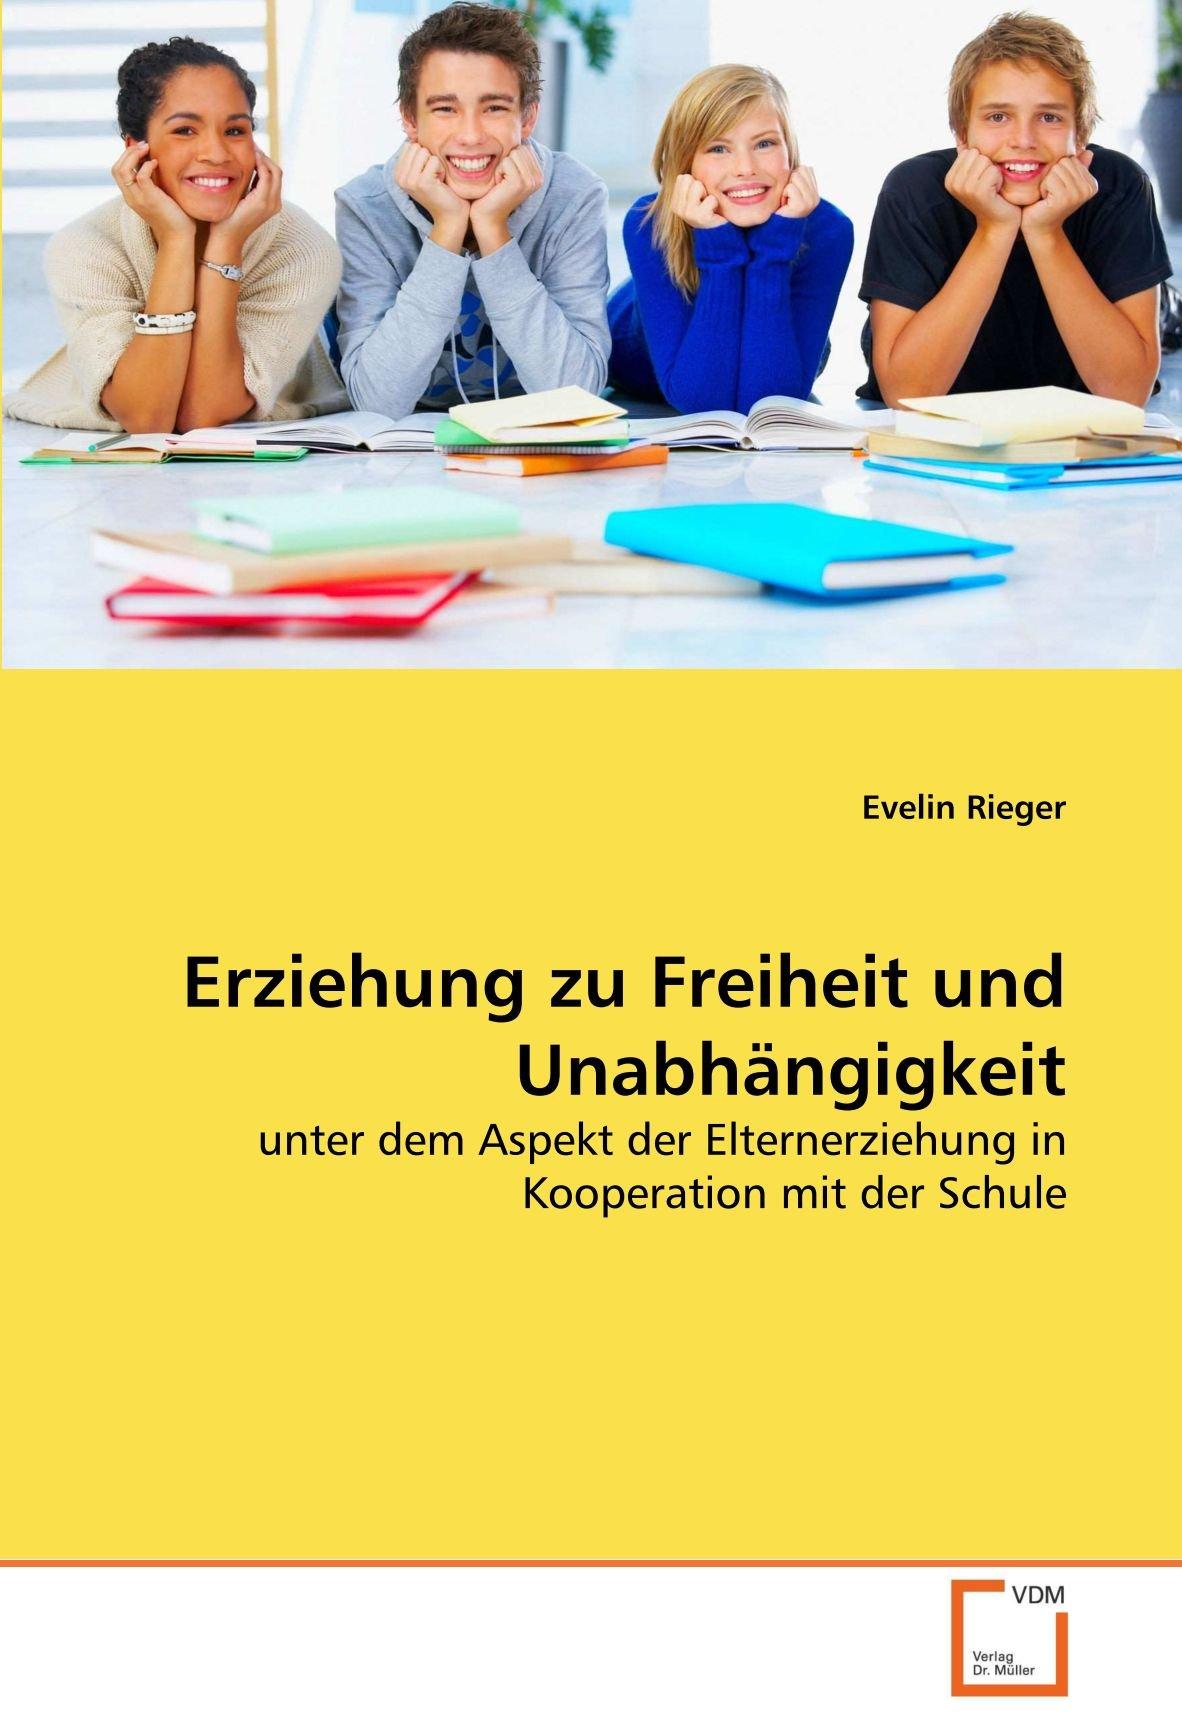 Erziehung zu Freiheit und Unabhängigkeit: unter dem Aspekt der Elternerziehung in Kooperation mit der Schule